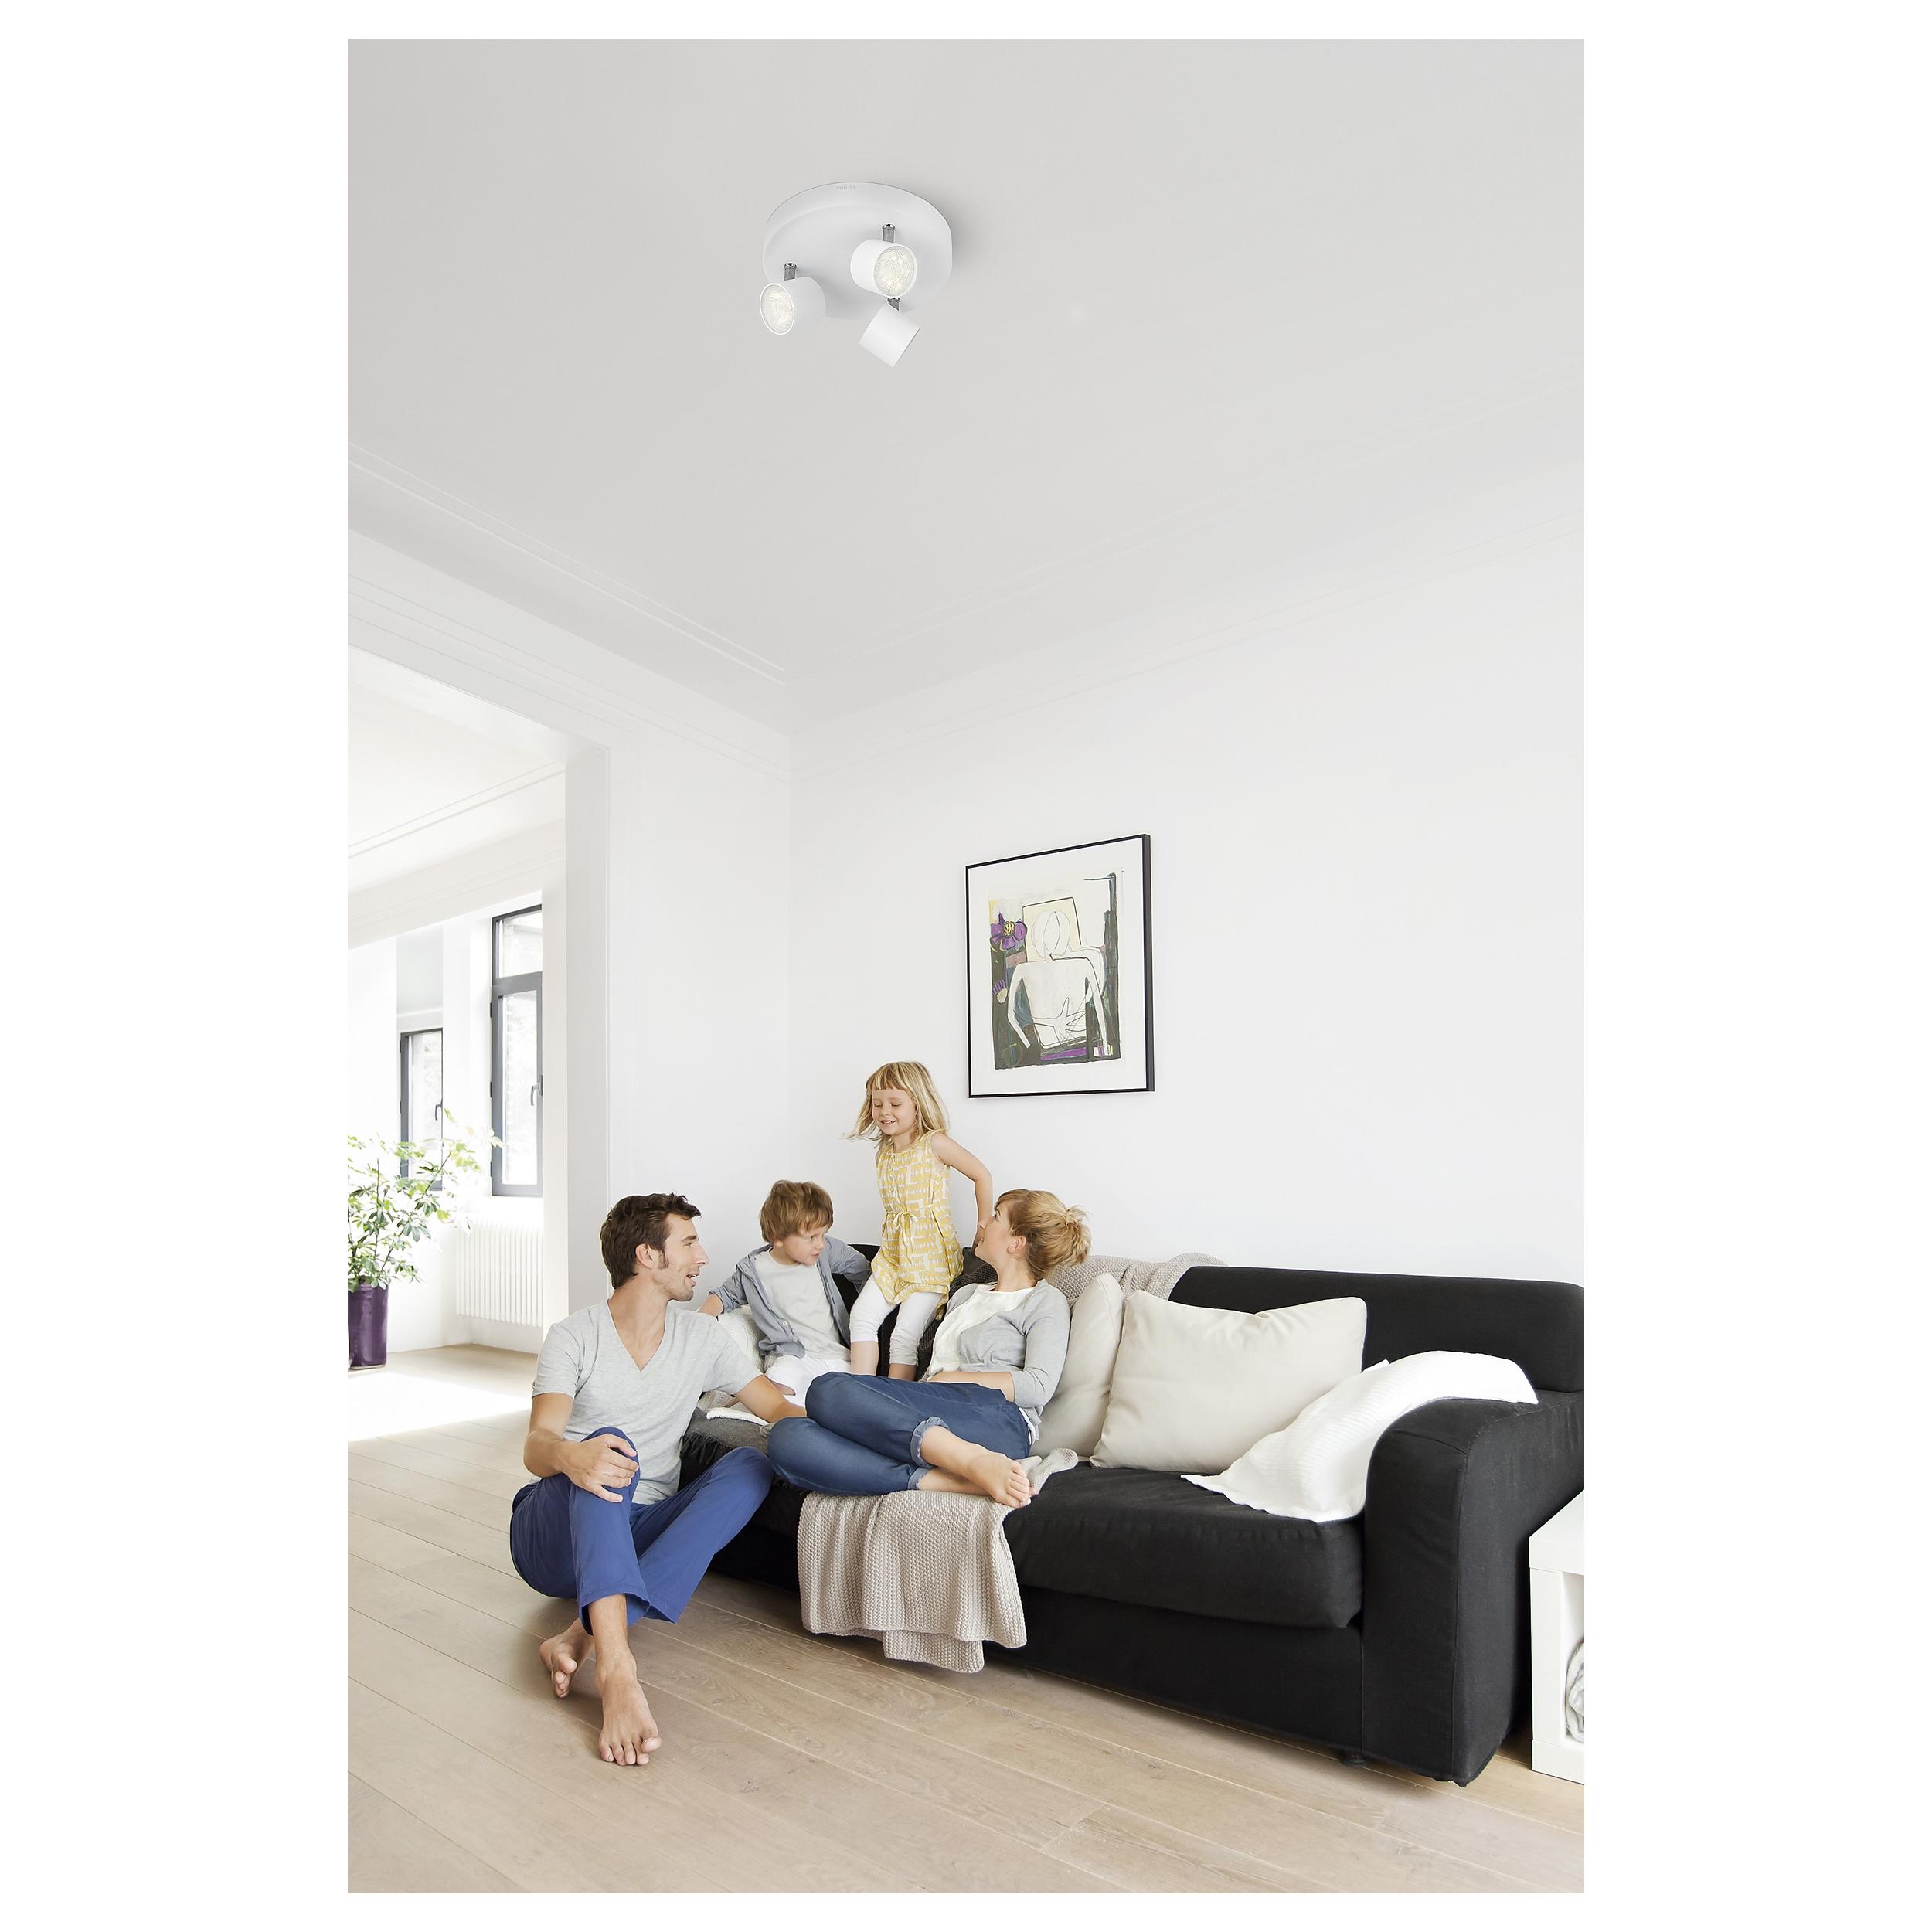 philips spot chambre coucher salon contemporain lampe. Black Bedroom Furniture Sets. Home Design Ideas